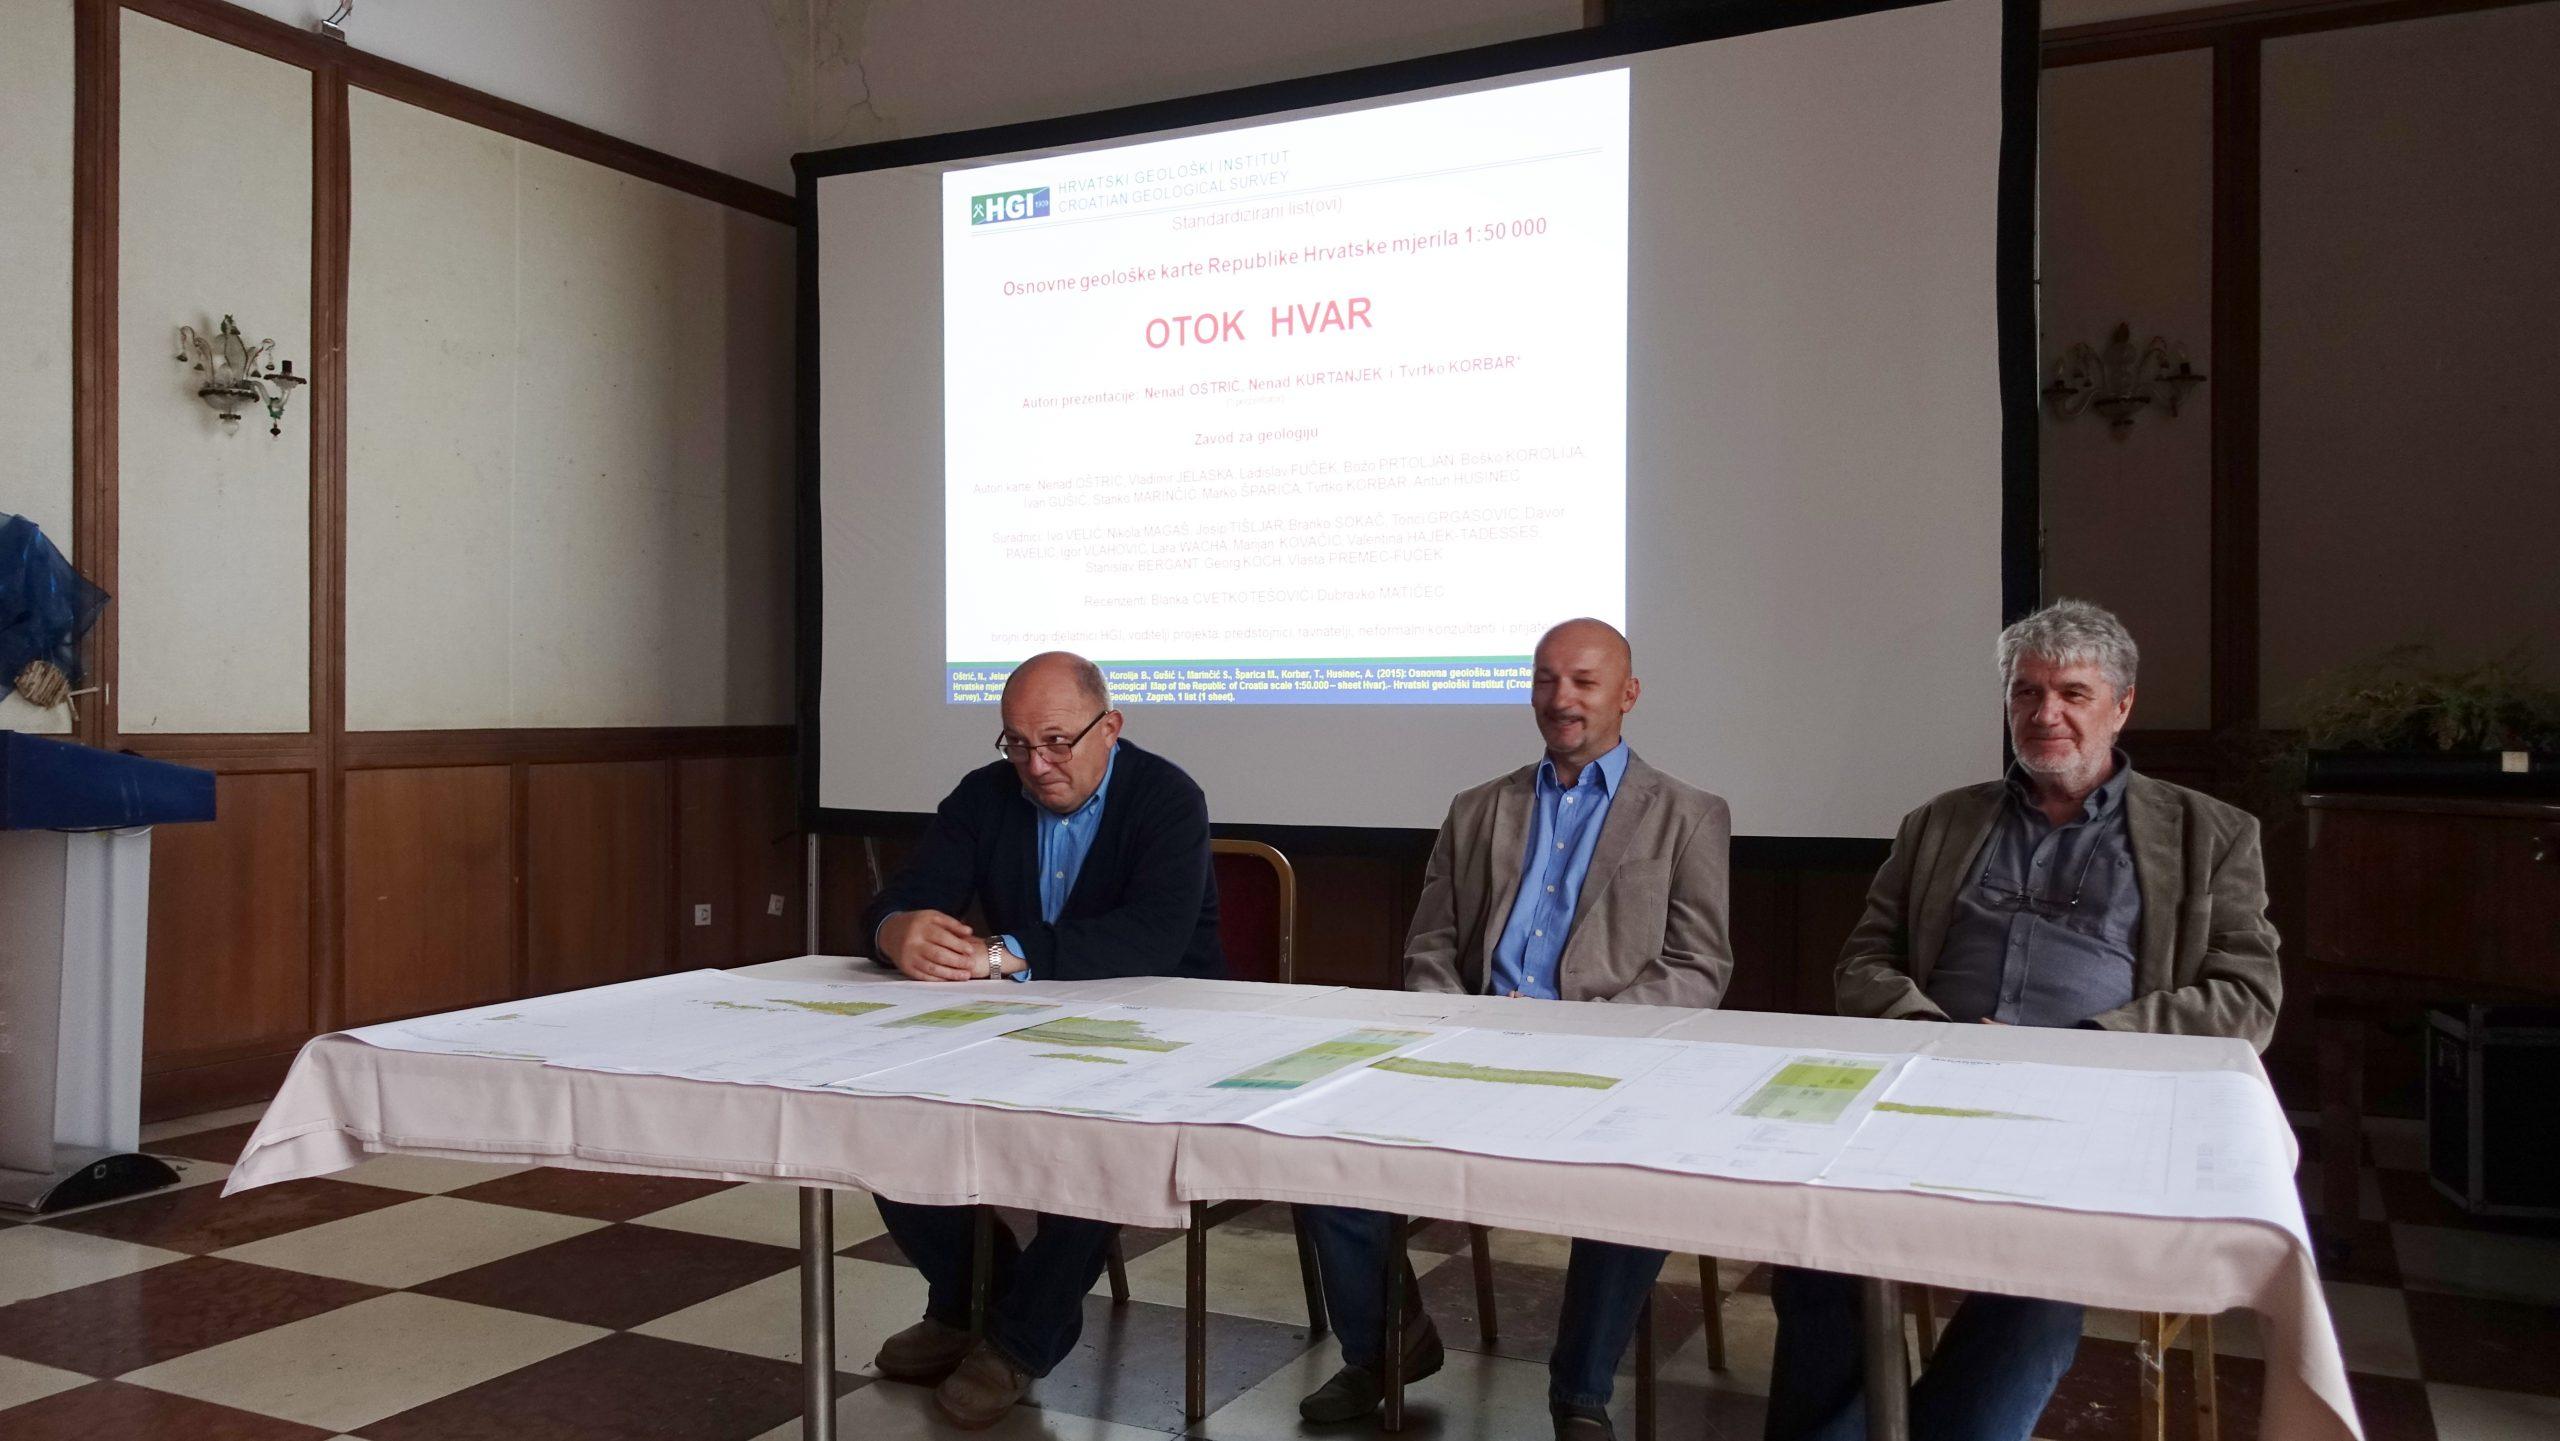 Prezentacija nove Osnovne geološke karte Republike Hrvatske u Hvaru